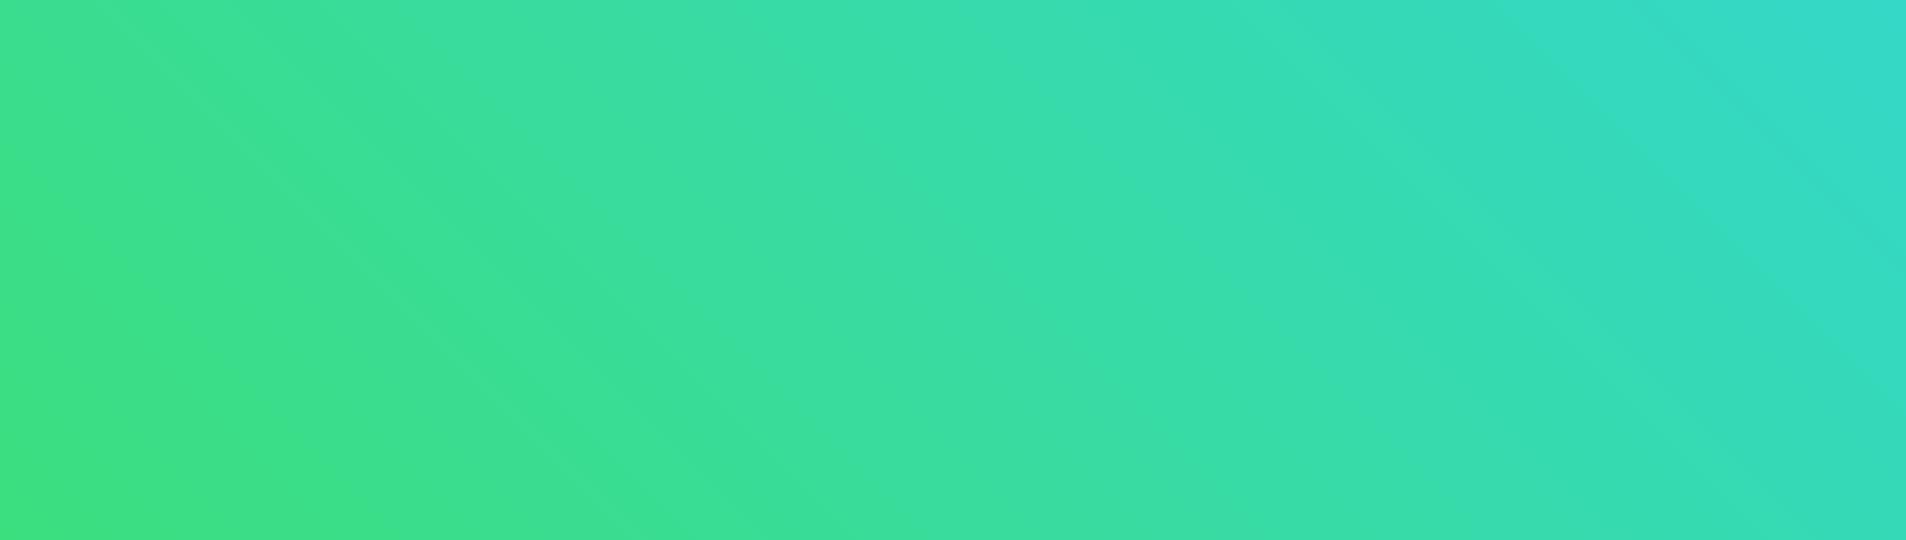 luminate-bgrd.png